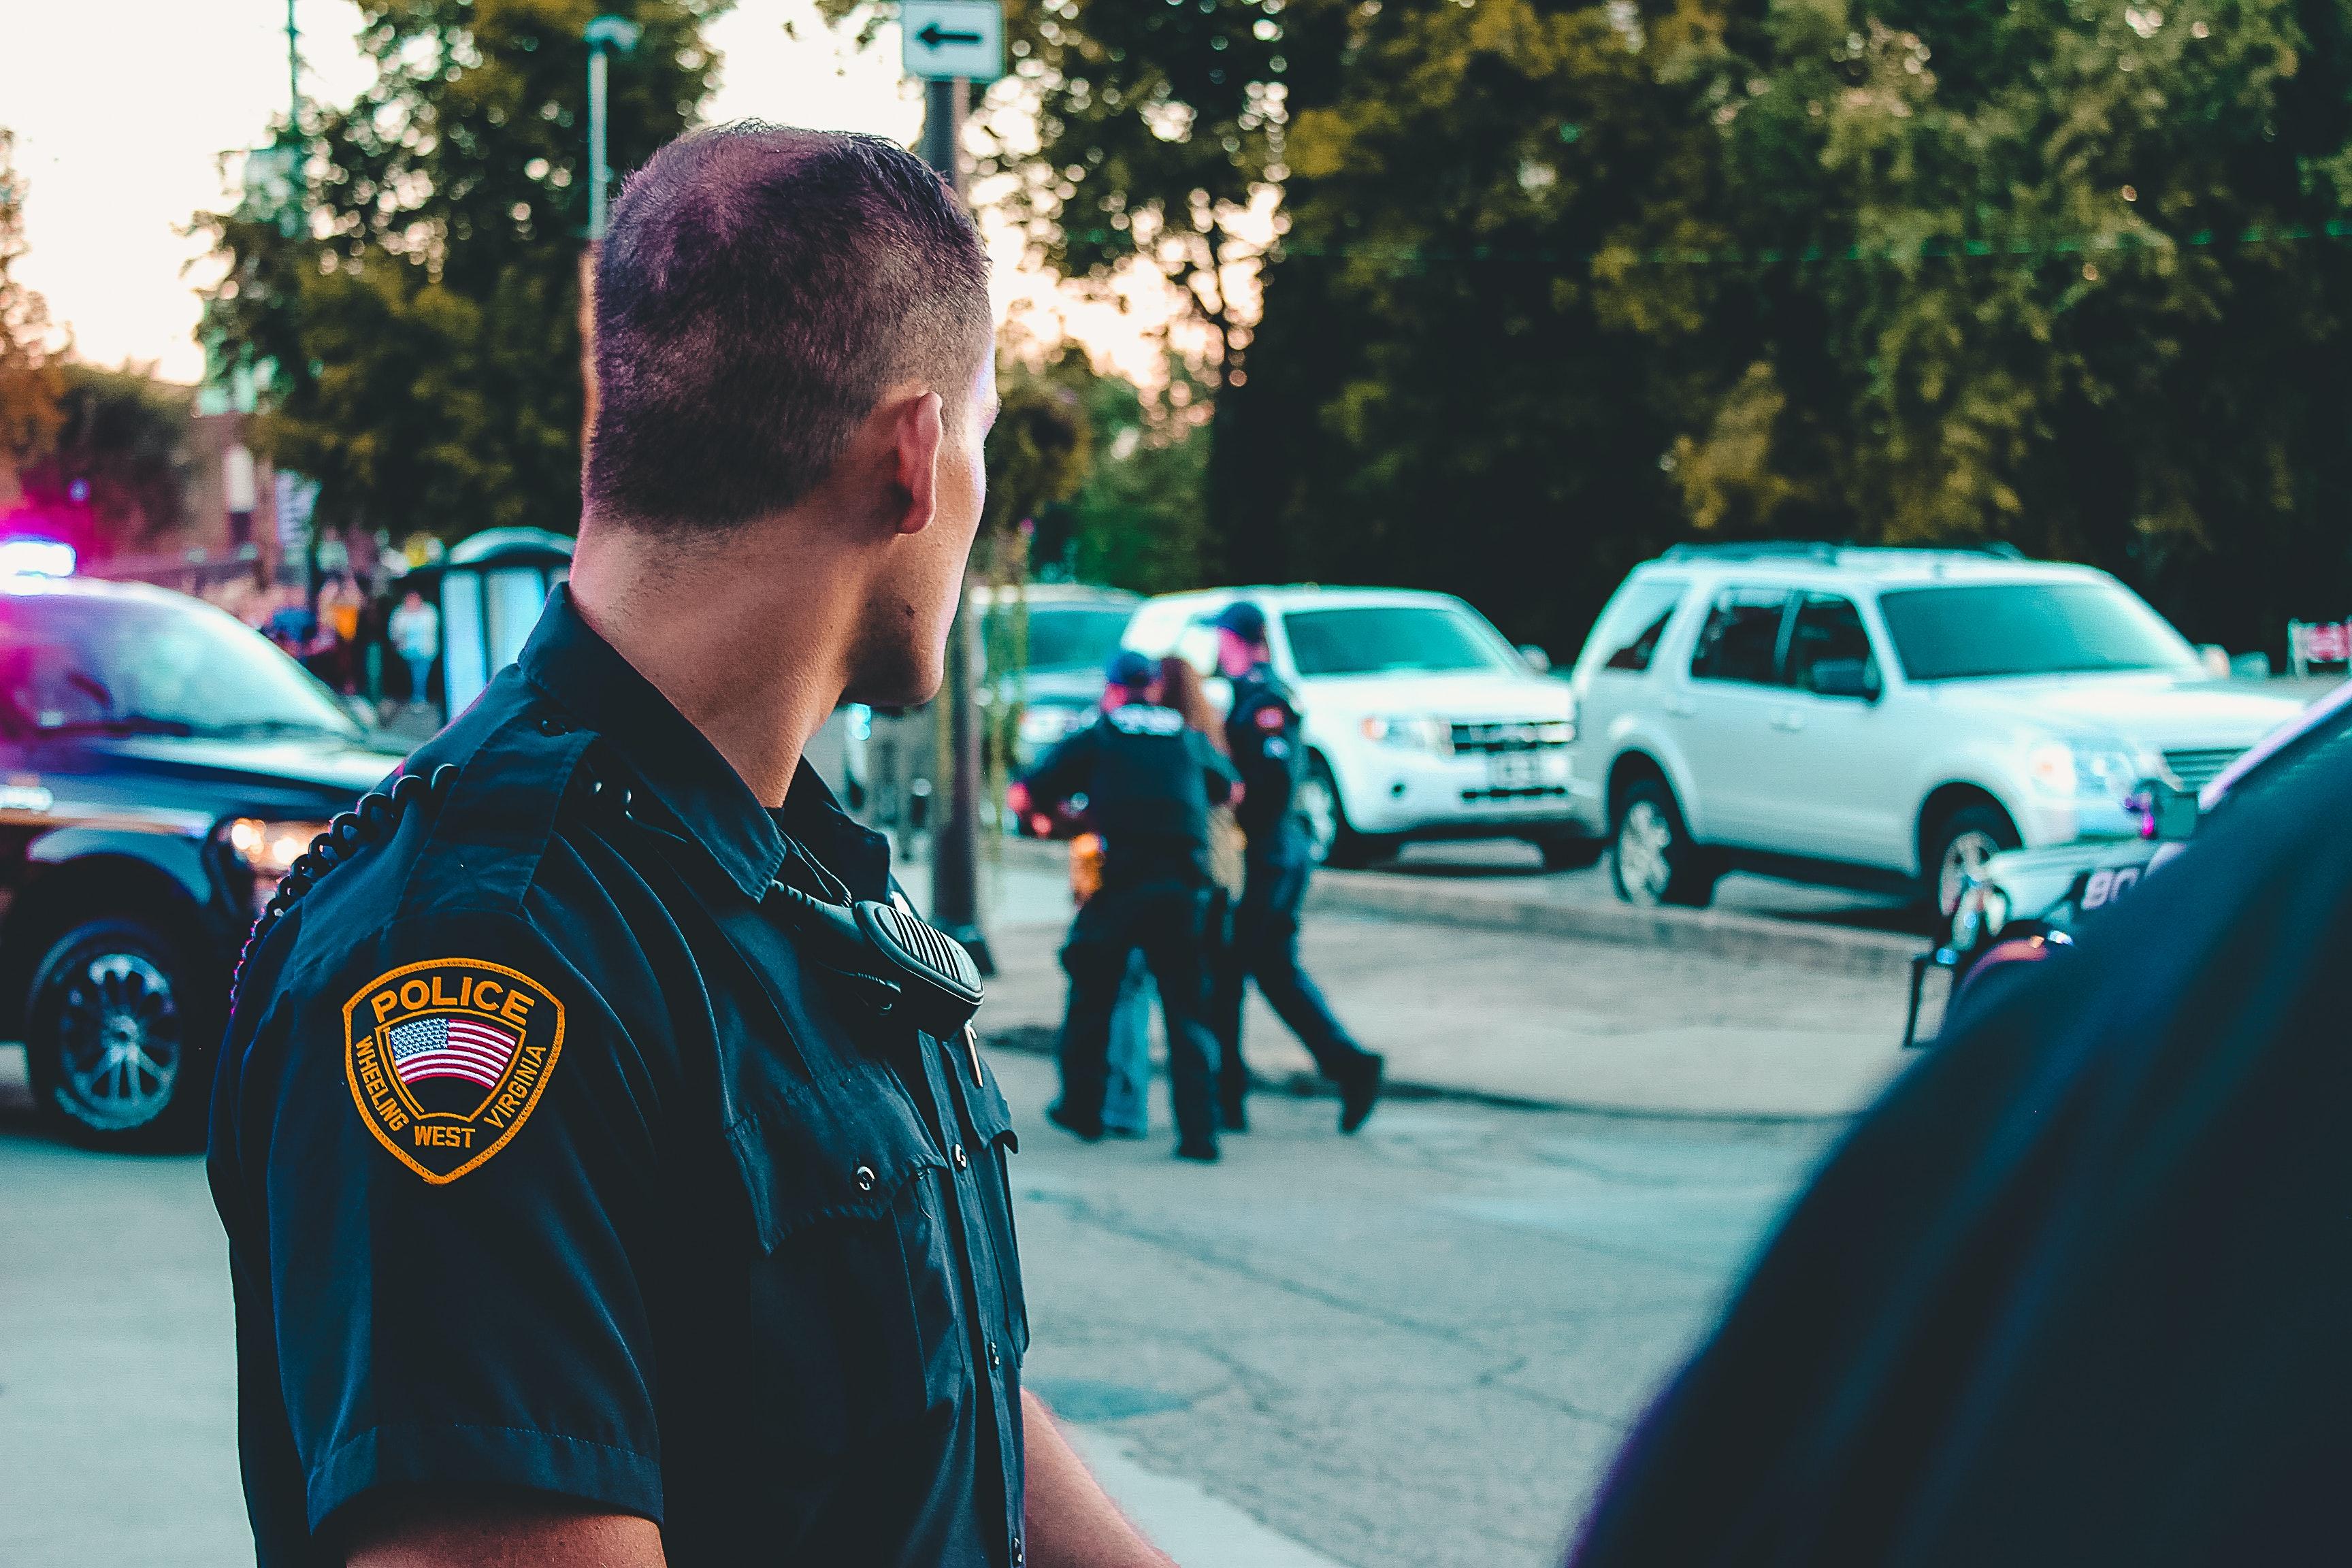 Policía y racismo, una combinación mortal.